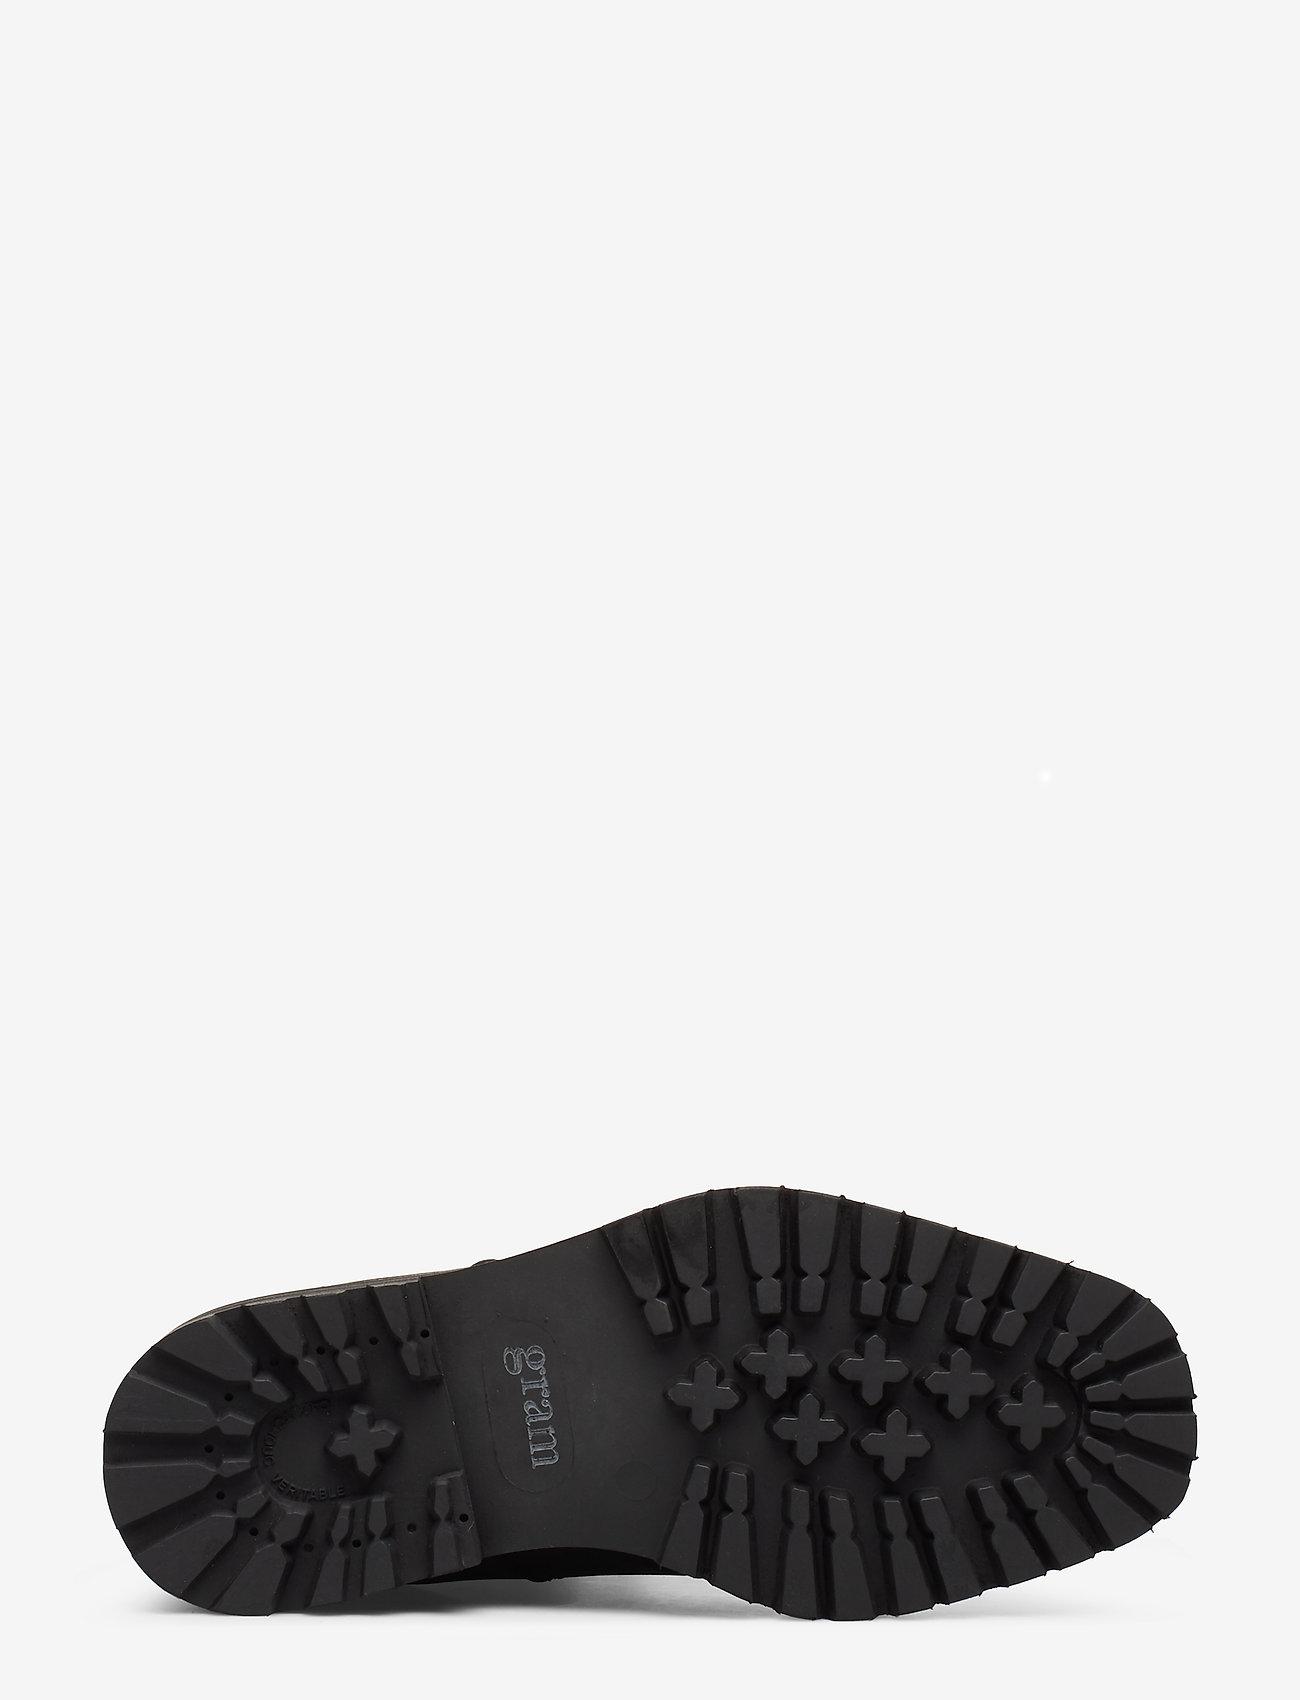 414g Black Oiled Nubuck (Black) - Gram